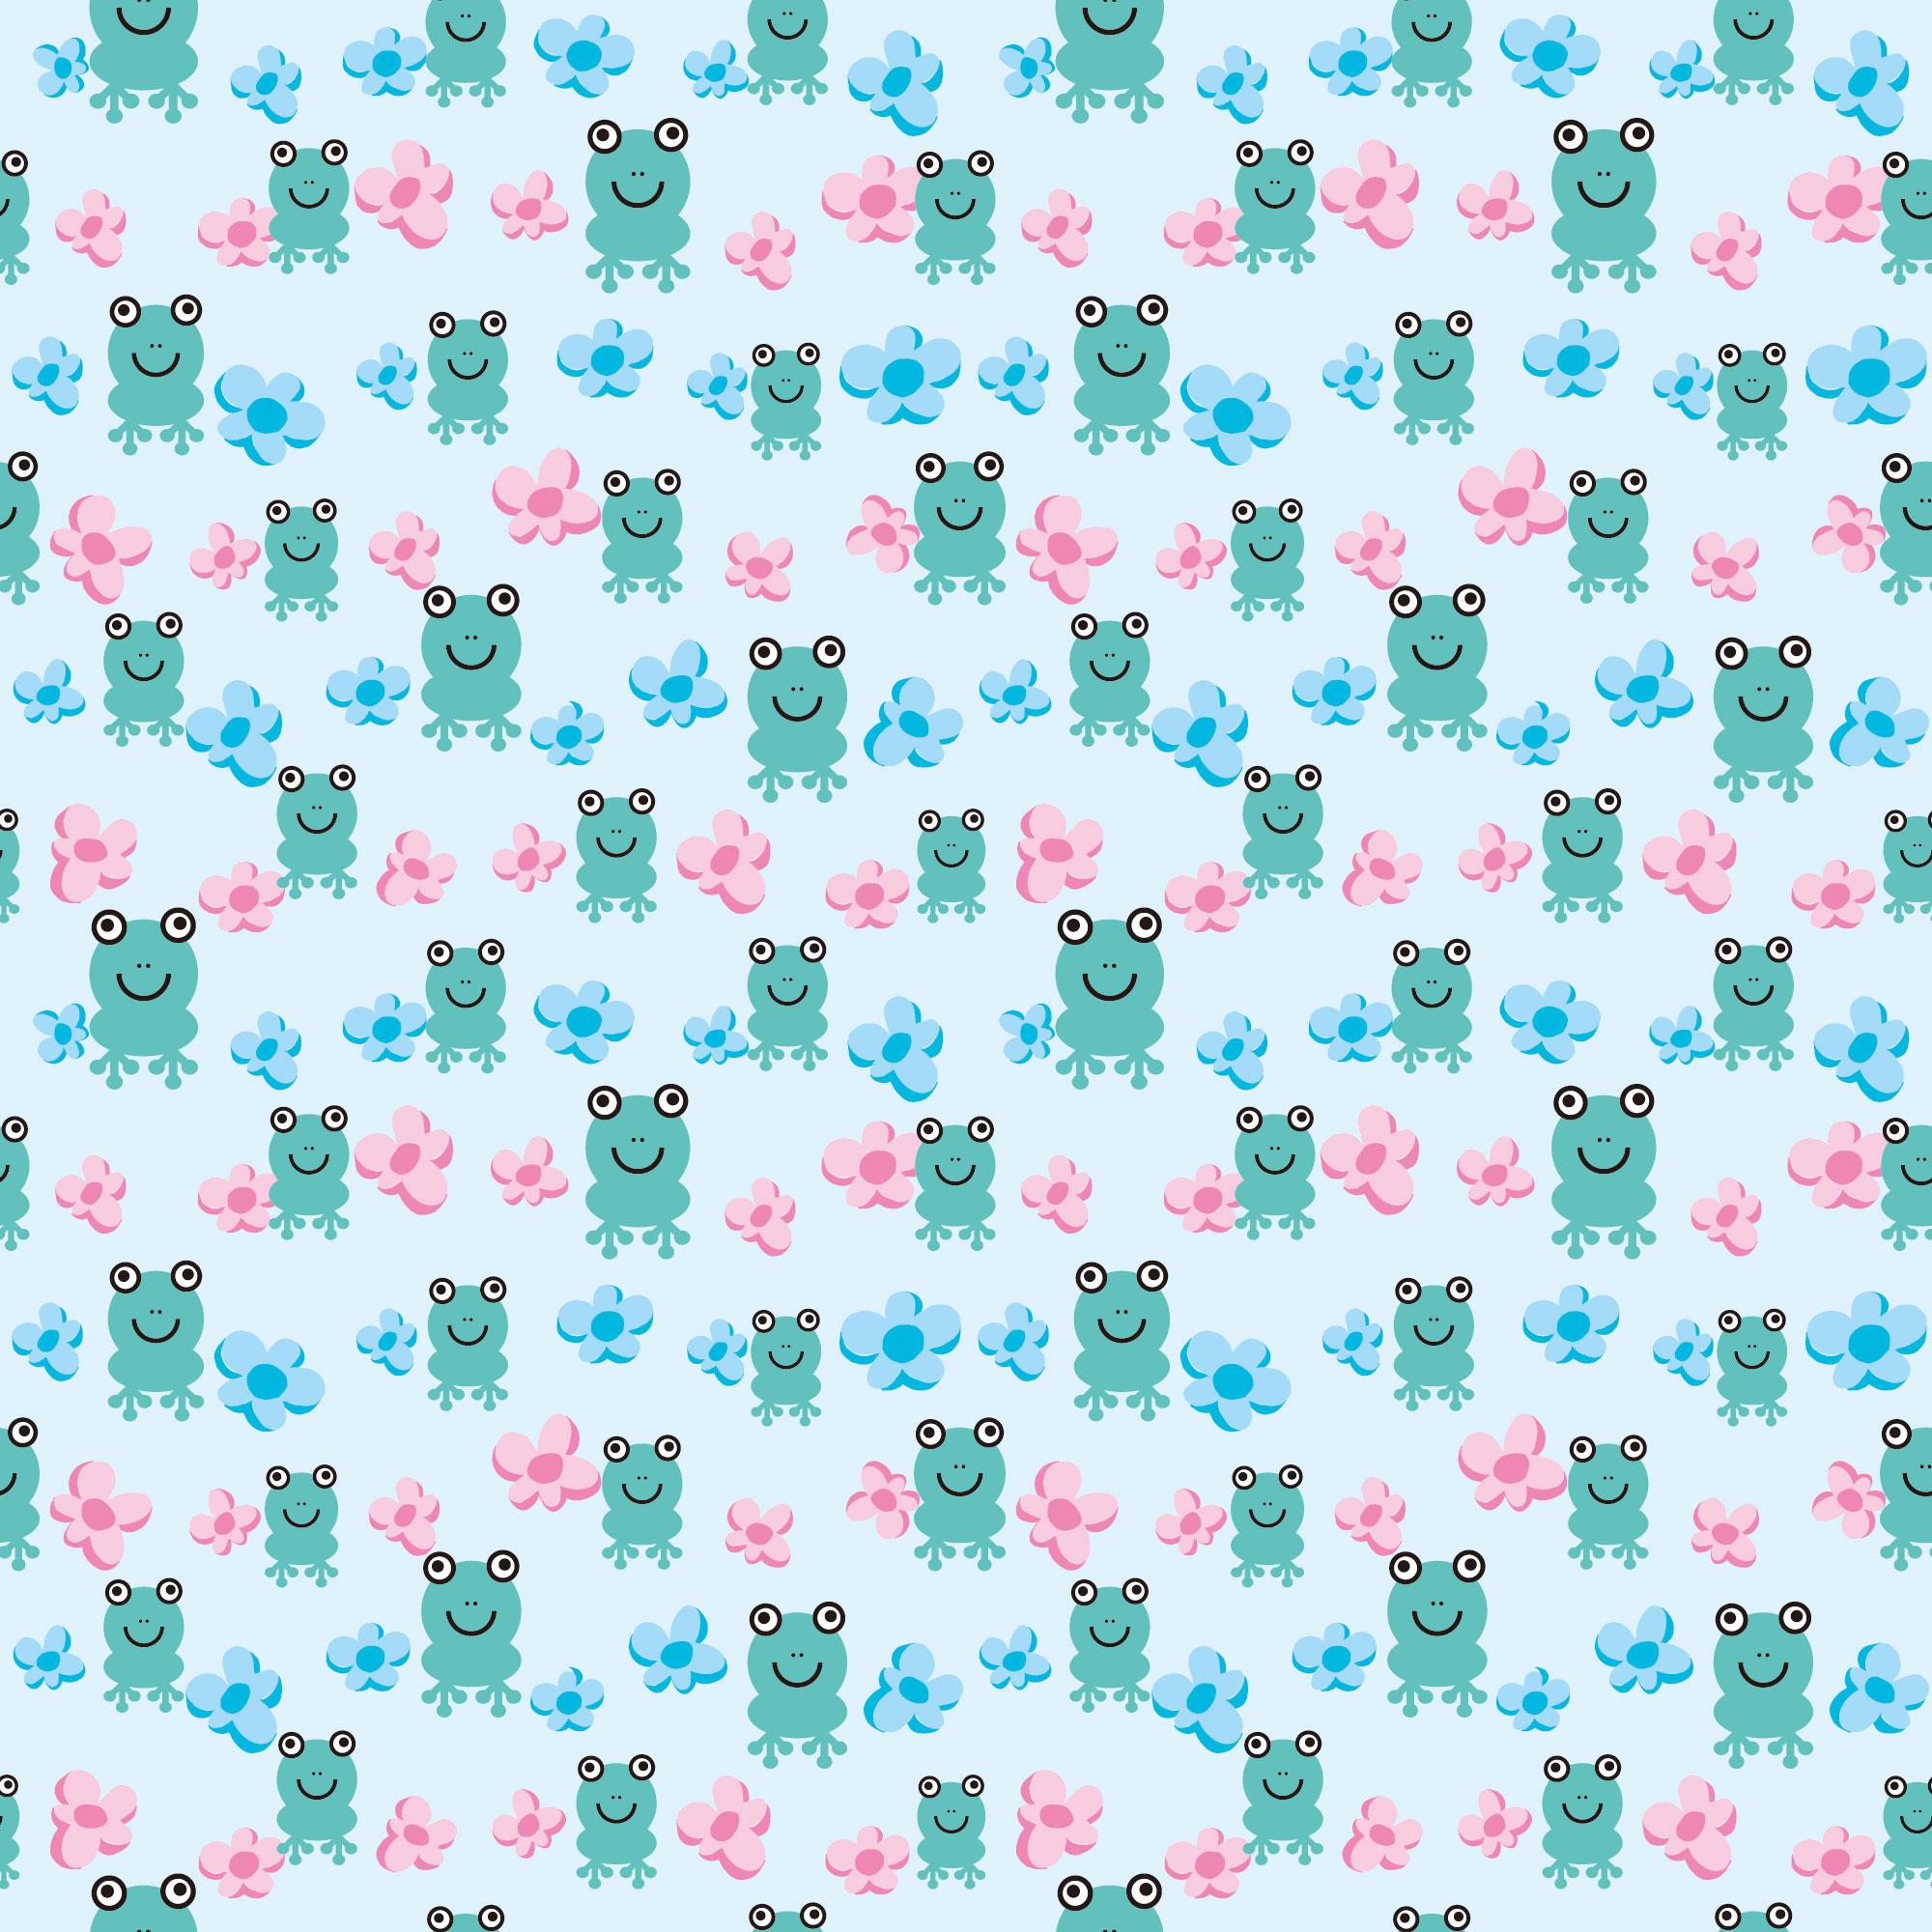 6月のイラストno 017 カエルの壁紙 無料のフリー素材集 花鳥風月